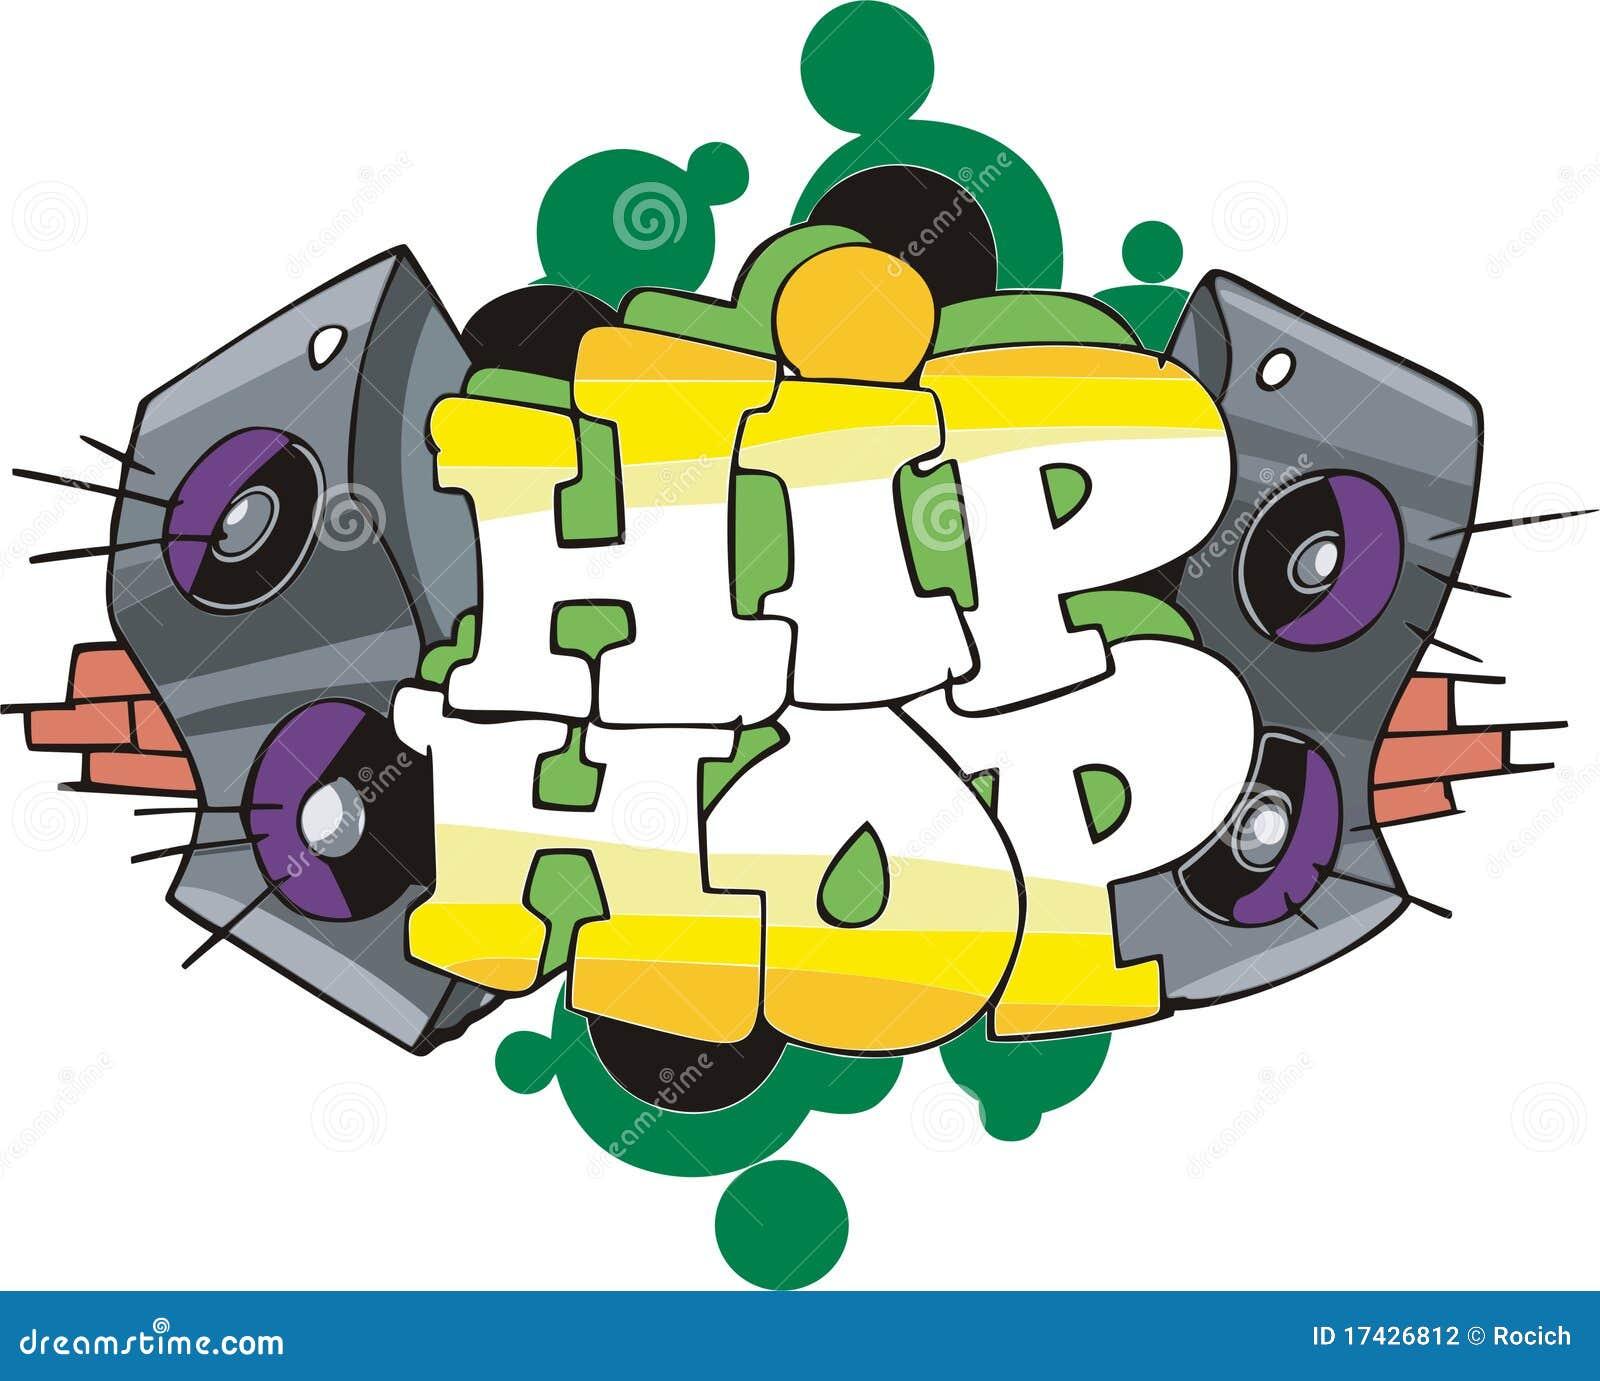 Hip hop graffiti design stock photography image 17426812 for Immagini di murales e graffiti